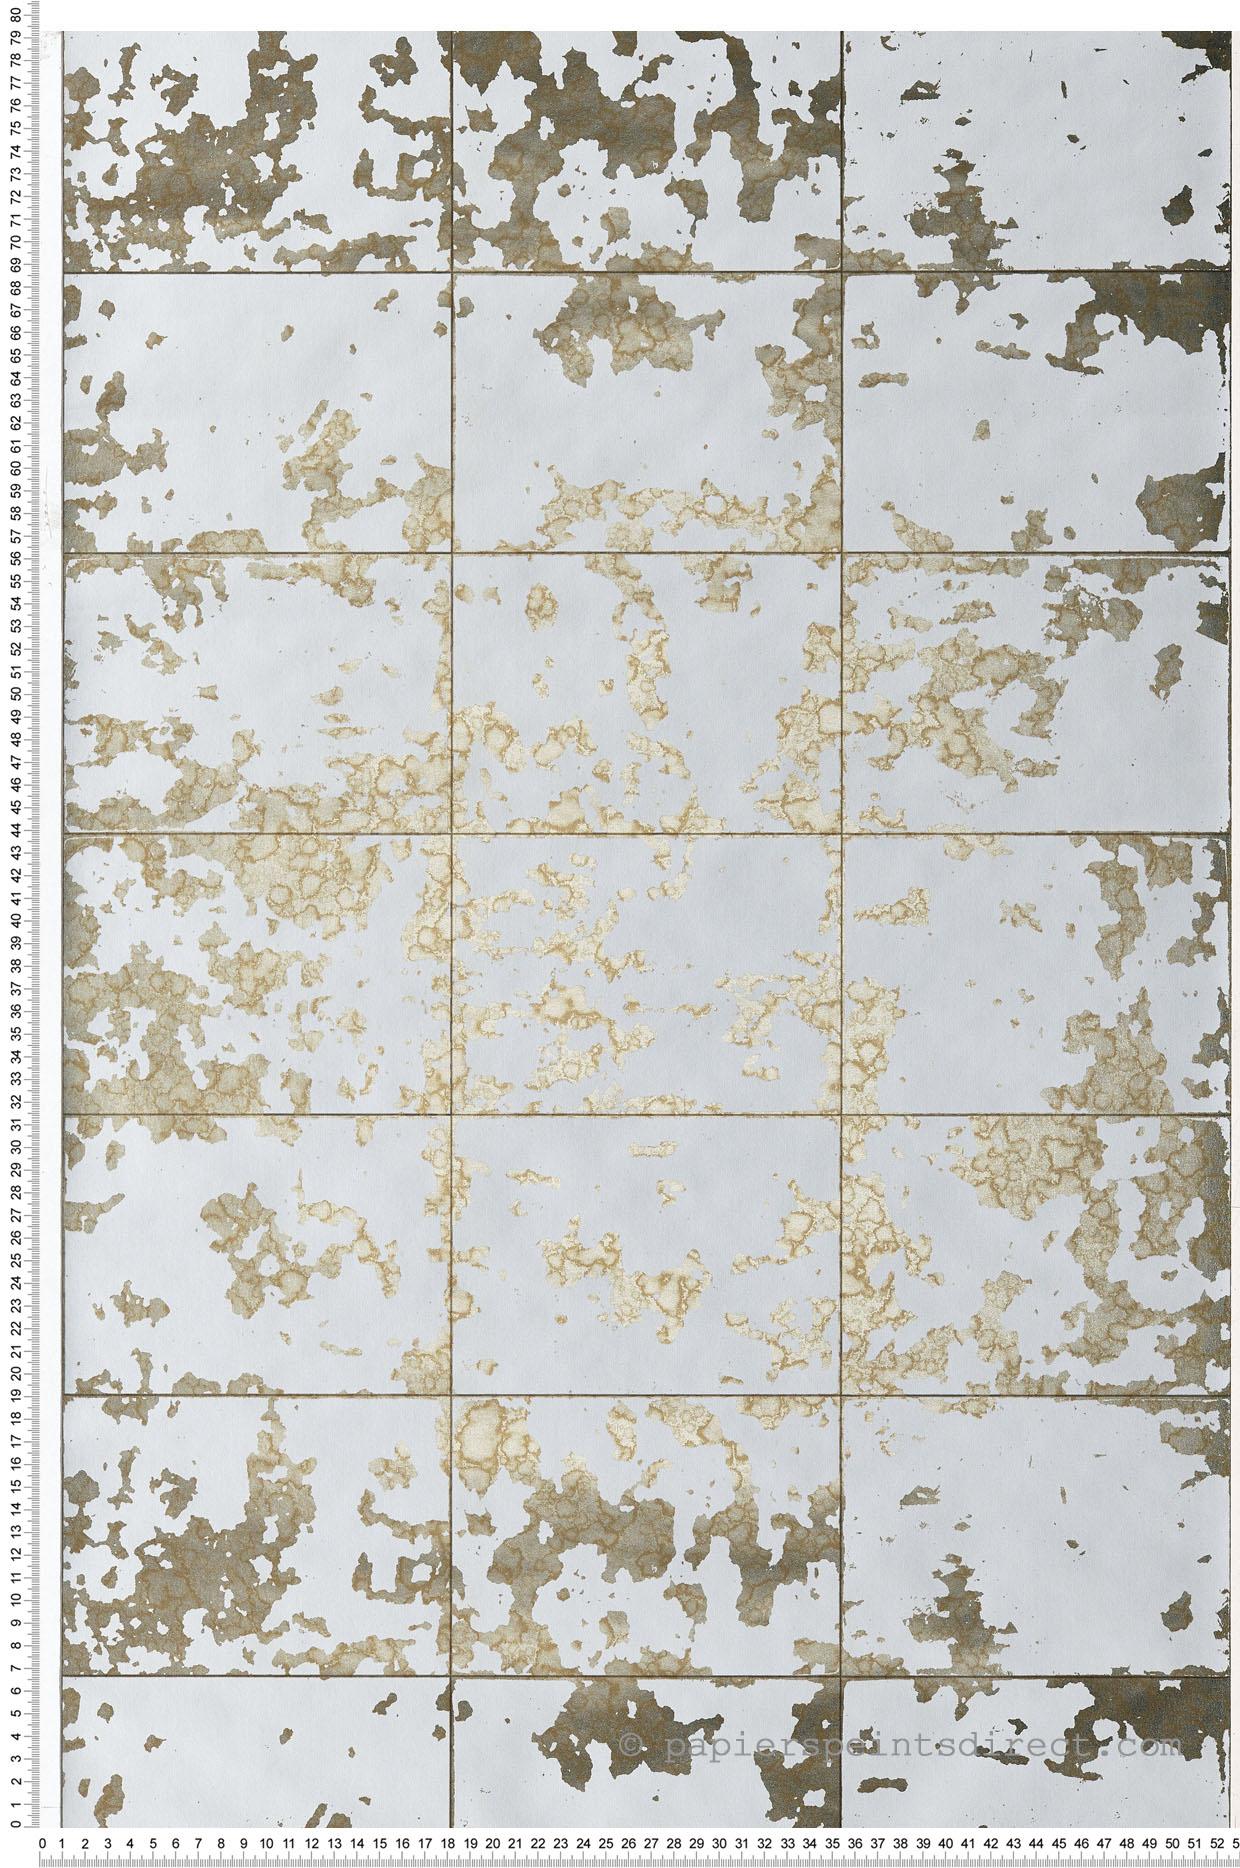 Papier Peint Effet Miroir papier peint dalle miroir gris/doré - hexagone d'ugépa